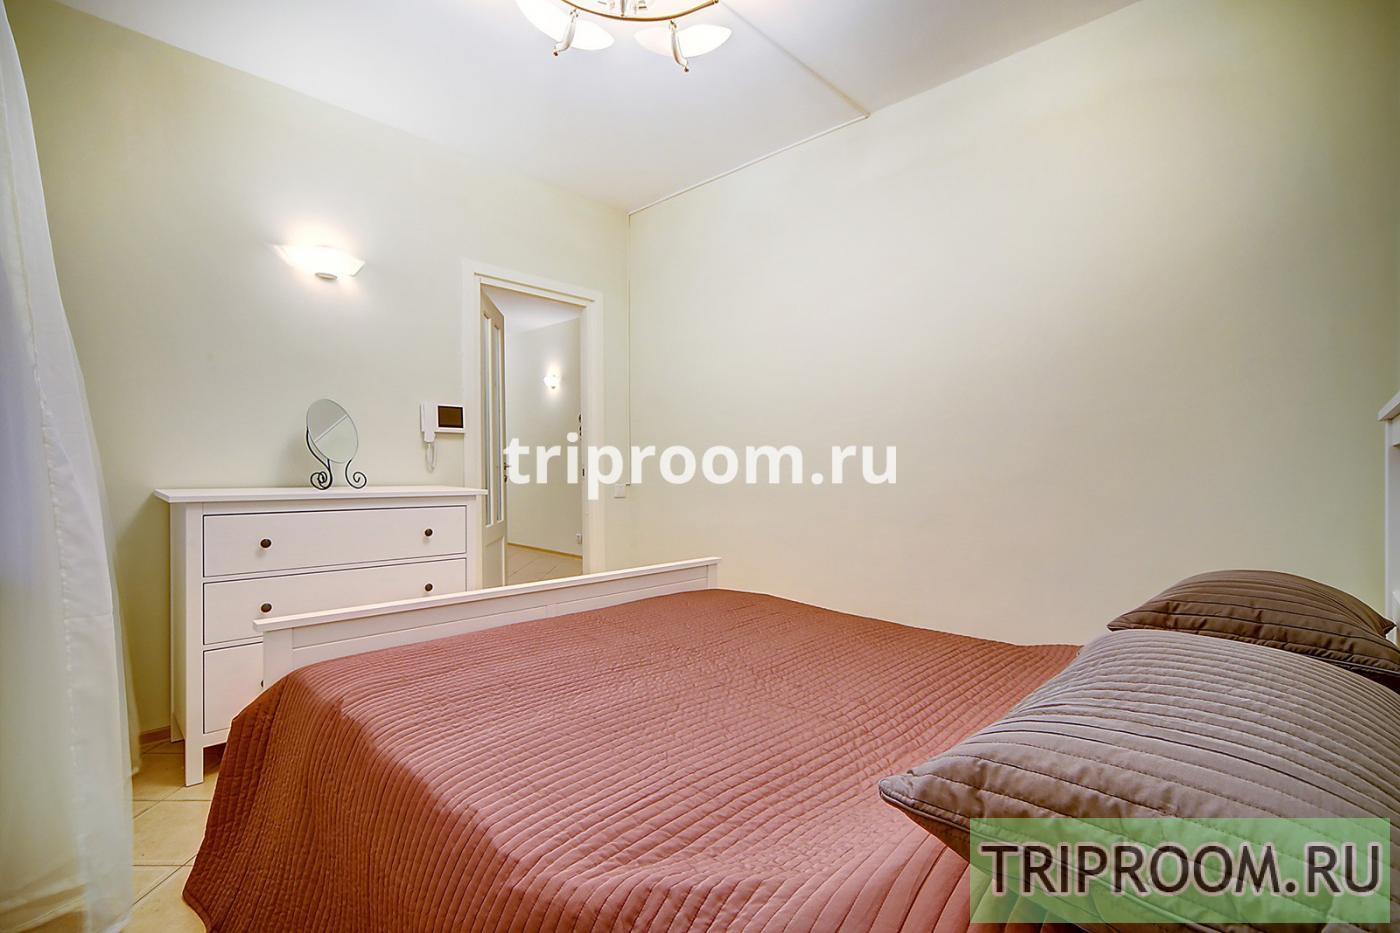 3-комнатная квартира посуточно (вариант № 14749), ул. Большая Конюшенная улица, фото № 8